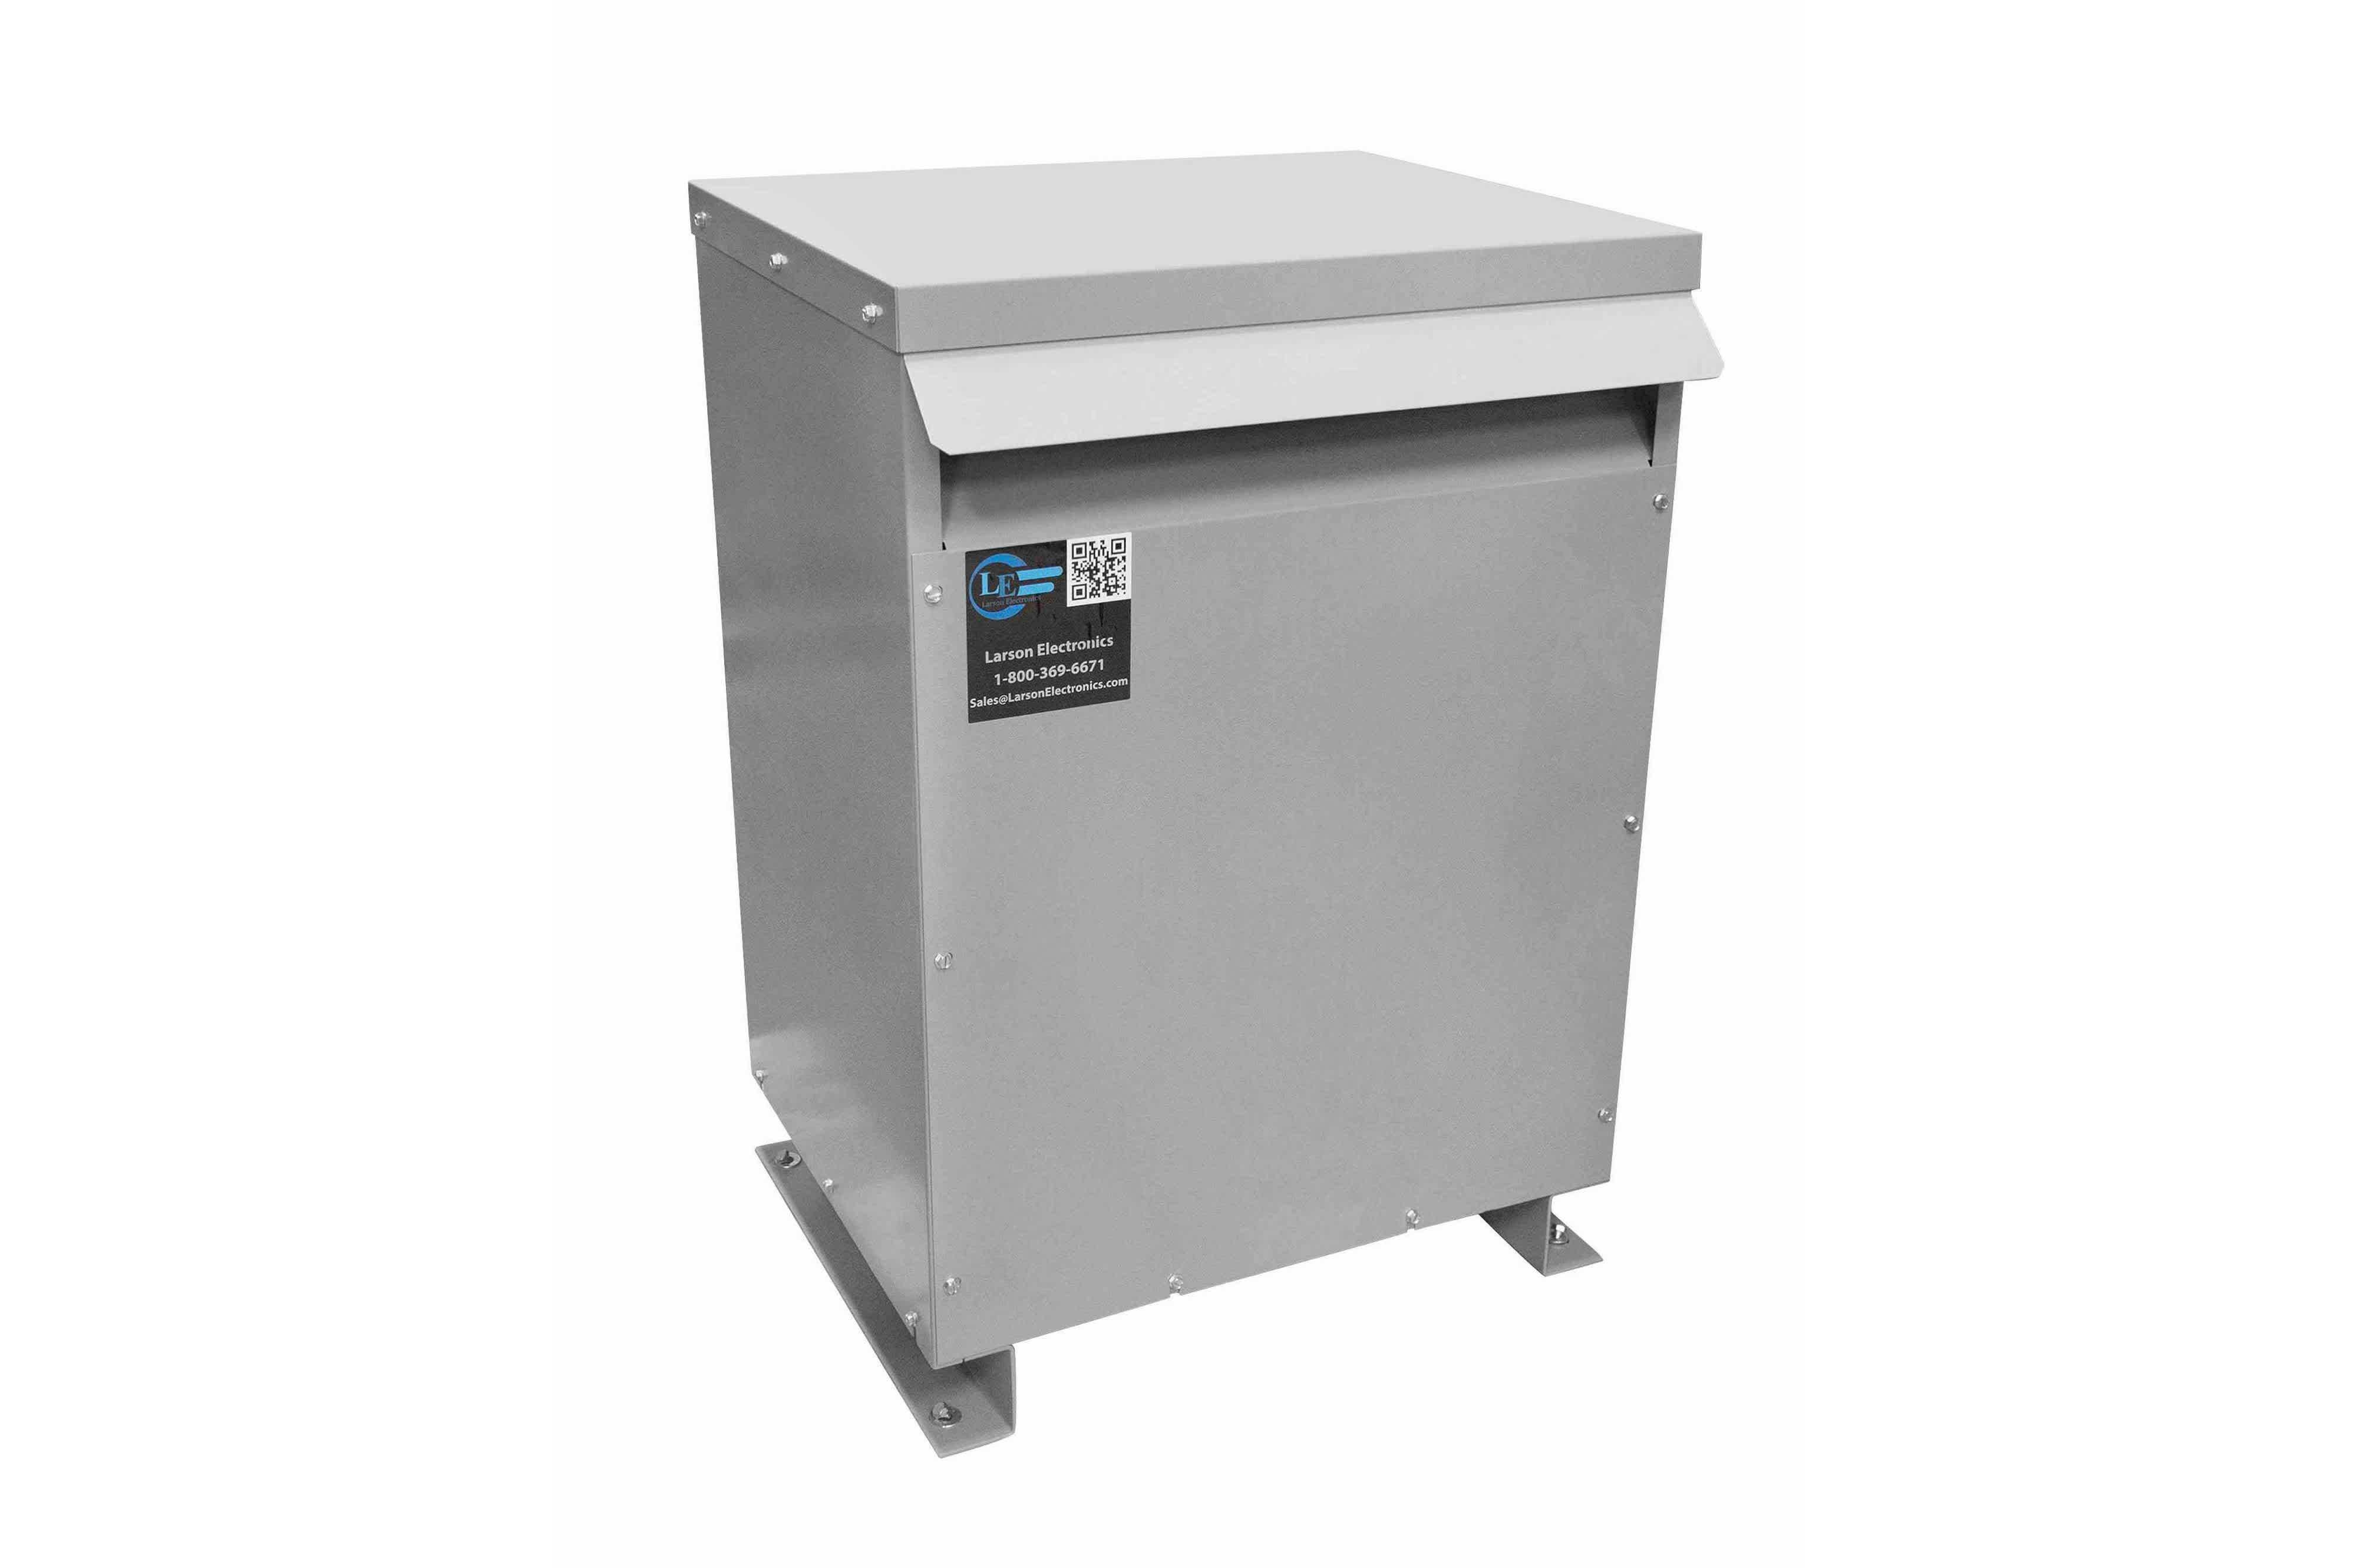 25 kVA 3PH Isolation Transformer, 230V Delta Primary, 480V Delta Secondary, N3R, Ventilated, 60 Hz